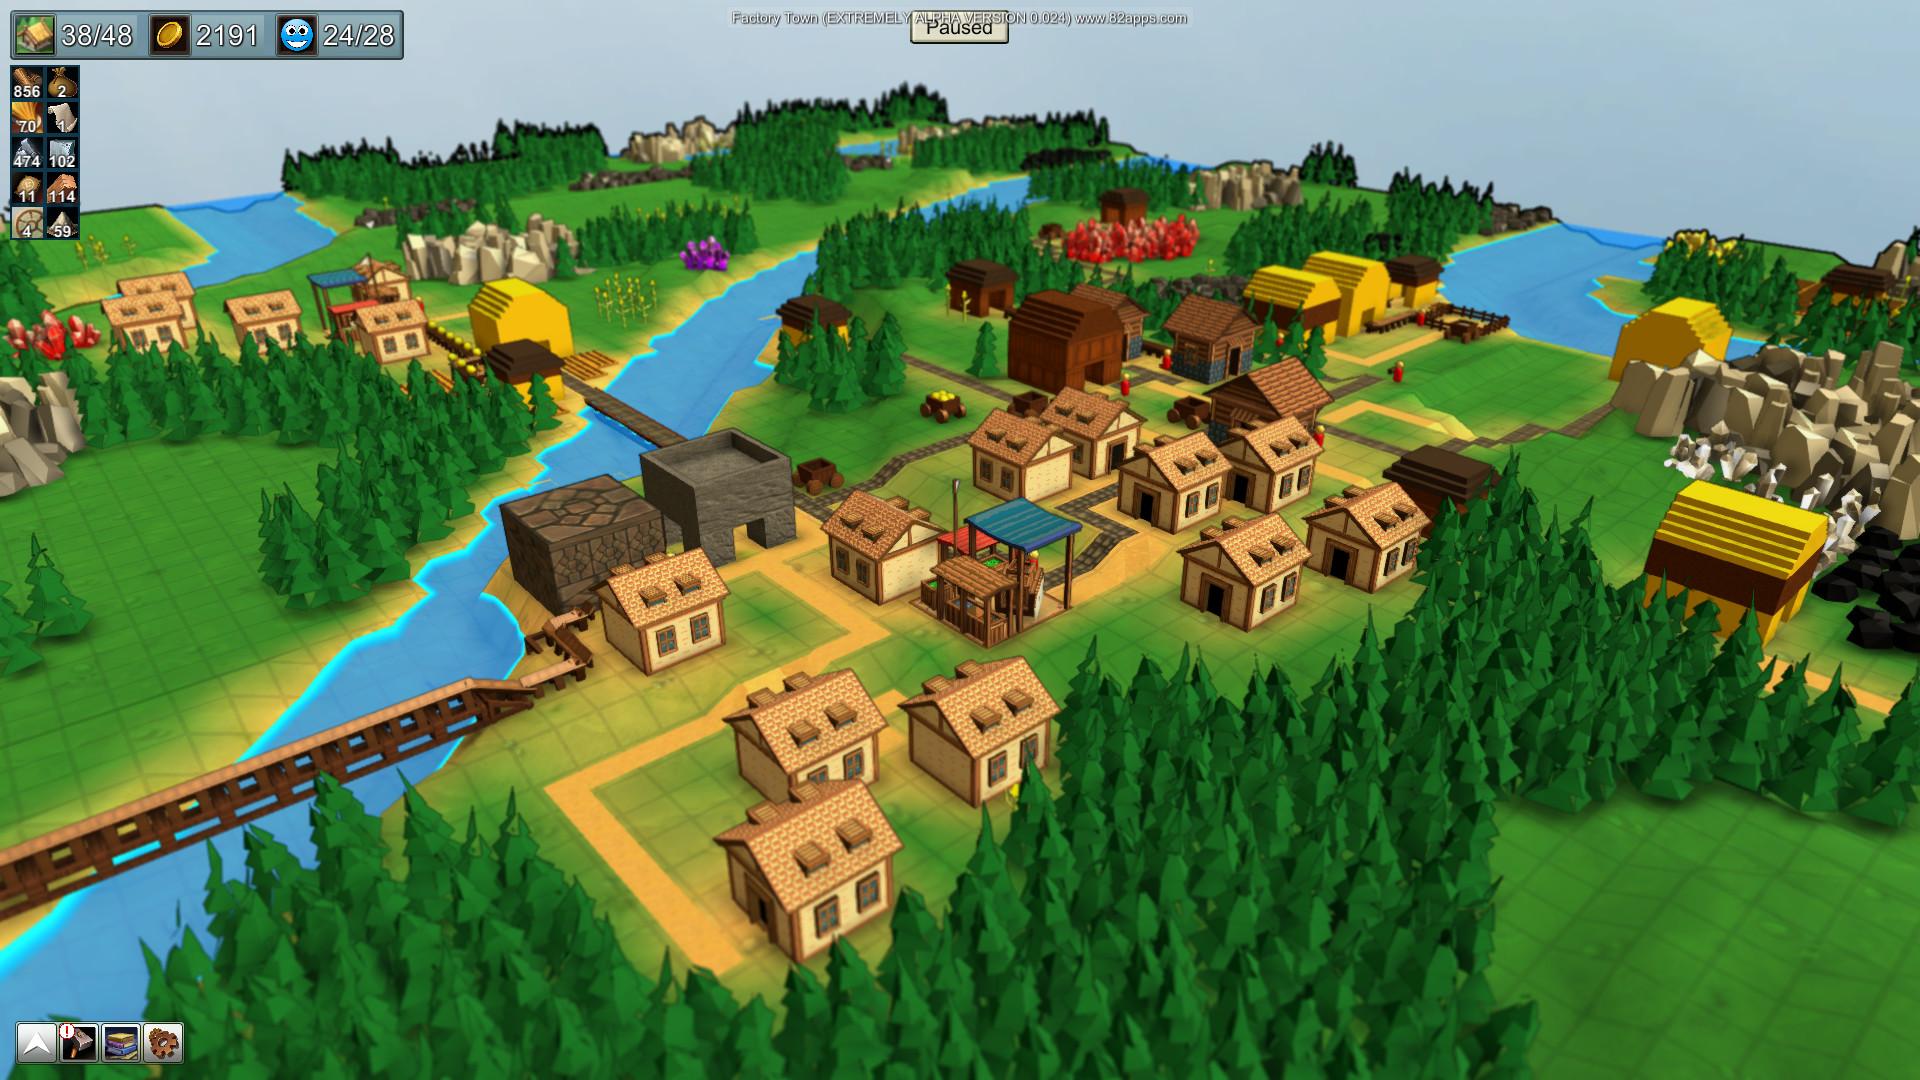 工业小镇插图4